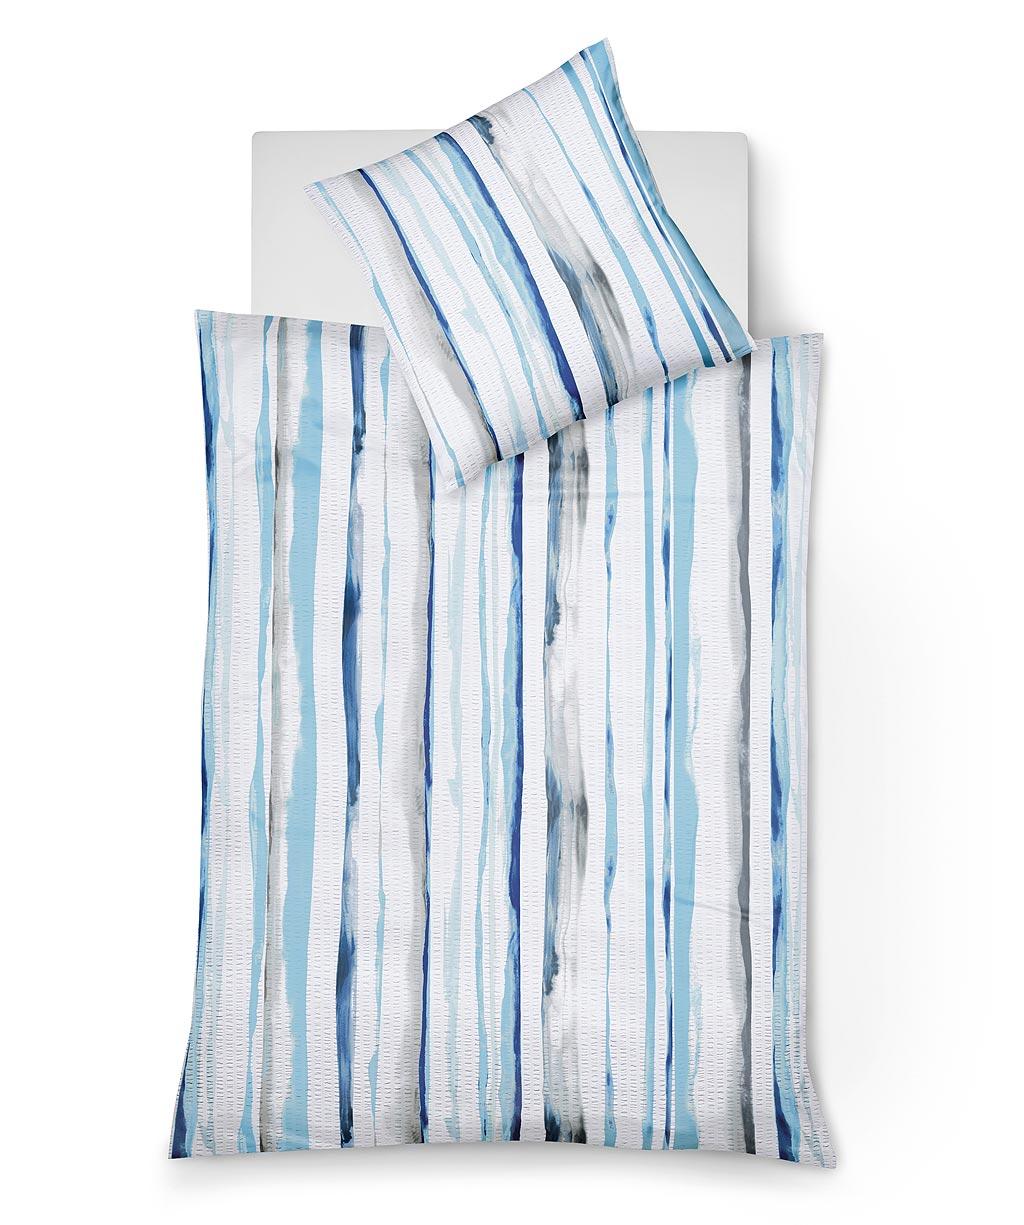 Gestreifte bügelfreie Seersucker Bettwäsche in Weiß-Blau